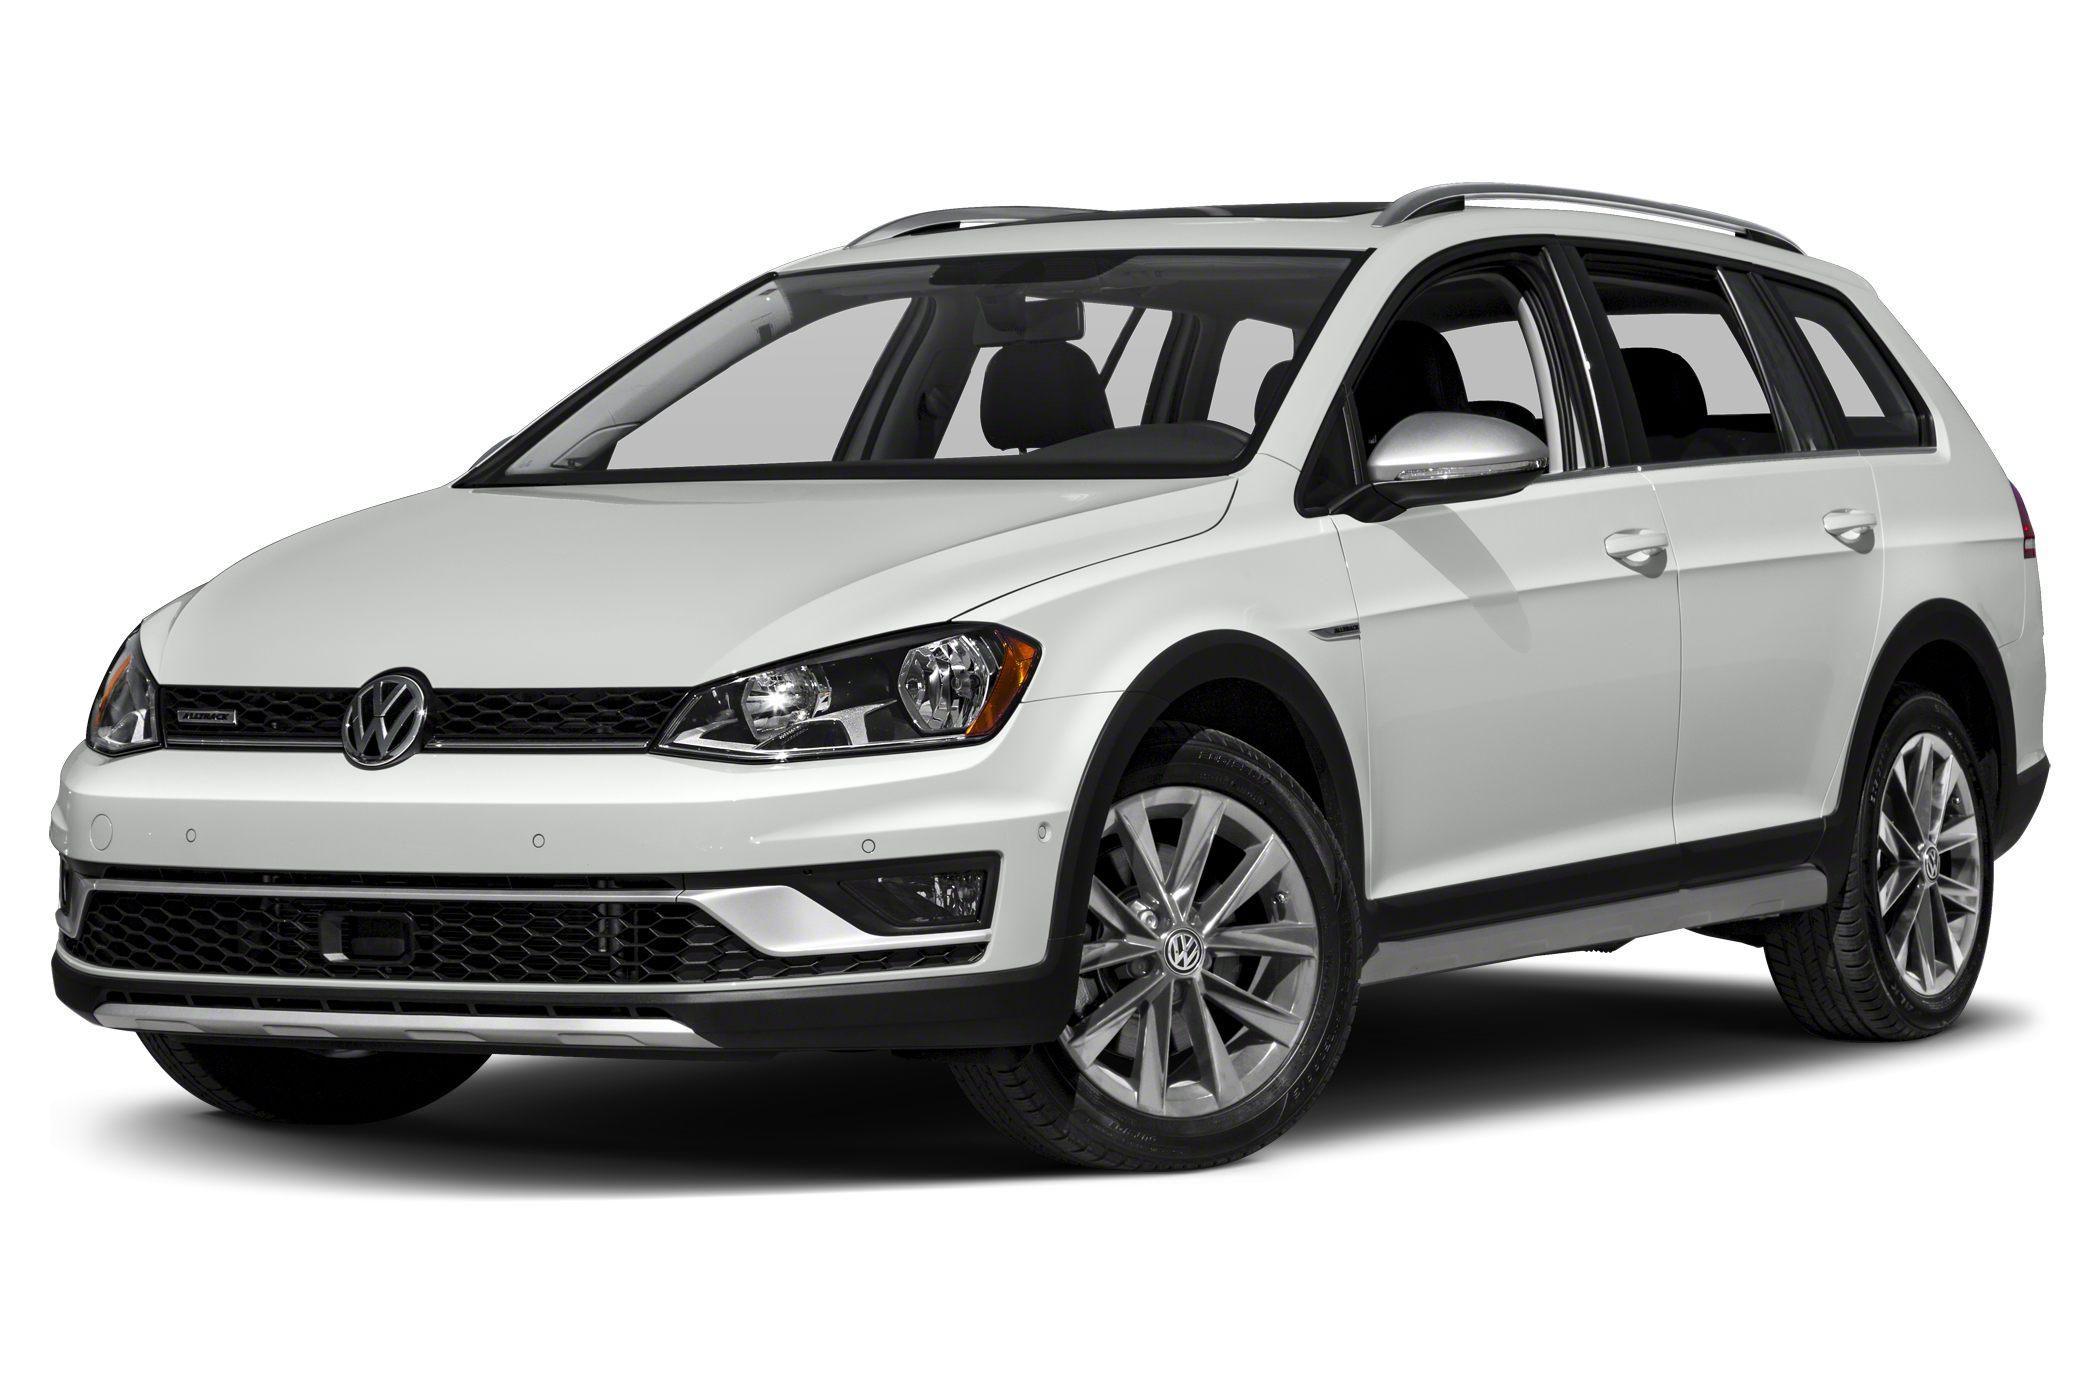 2017 Volkswagen Golf Alltrack Tsi Se >> 2017 Volkswagen Golf Alltrack Specs, Safety Rating & MPG - CarsDirect